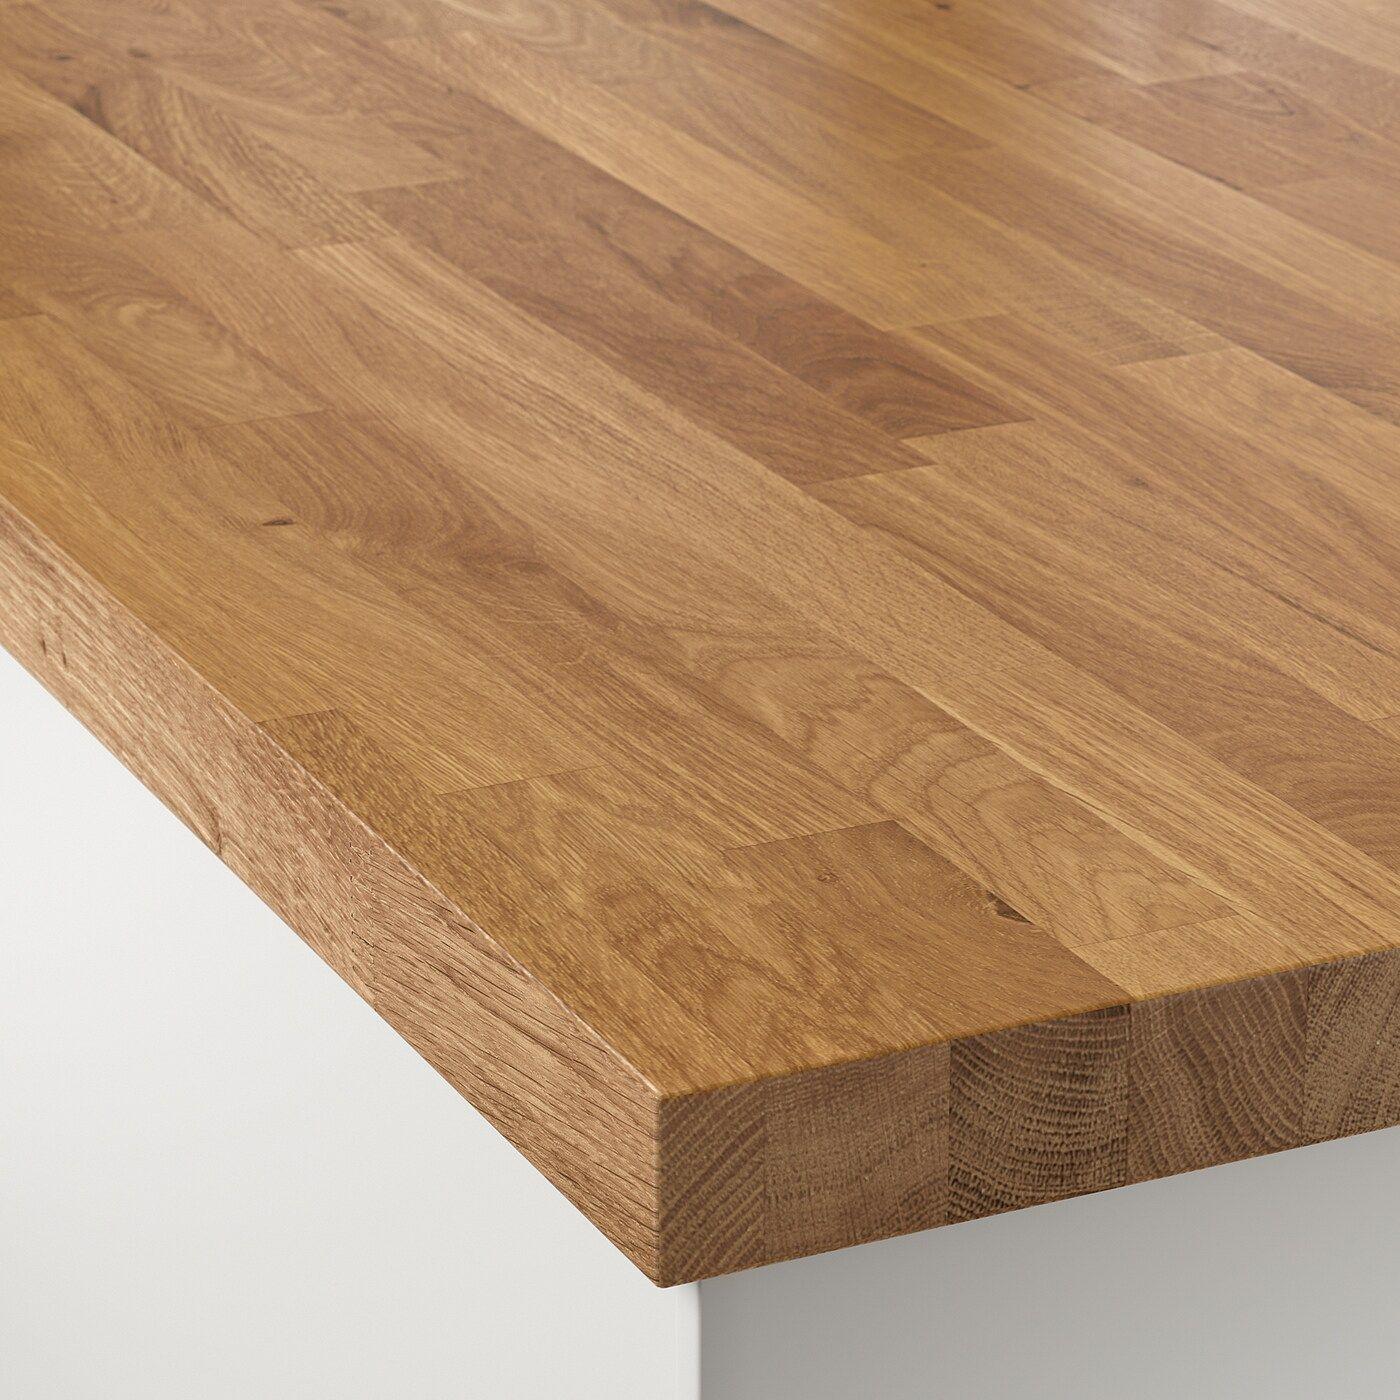 Skogarp Massarbeitsplatte Eiche Massivholz Ikea Osterreich In 2020 Holz Eiche Und Ikea